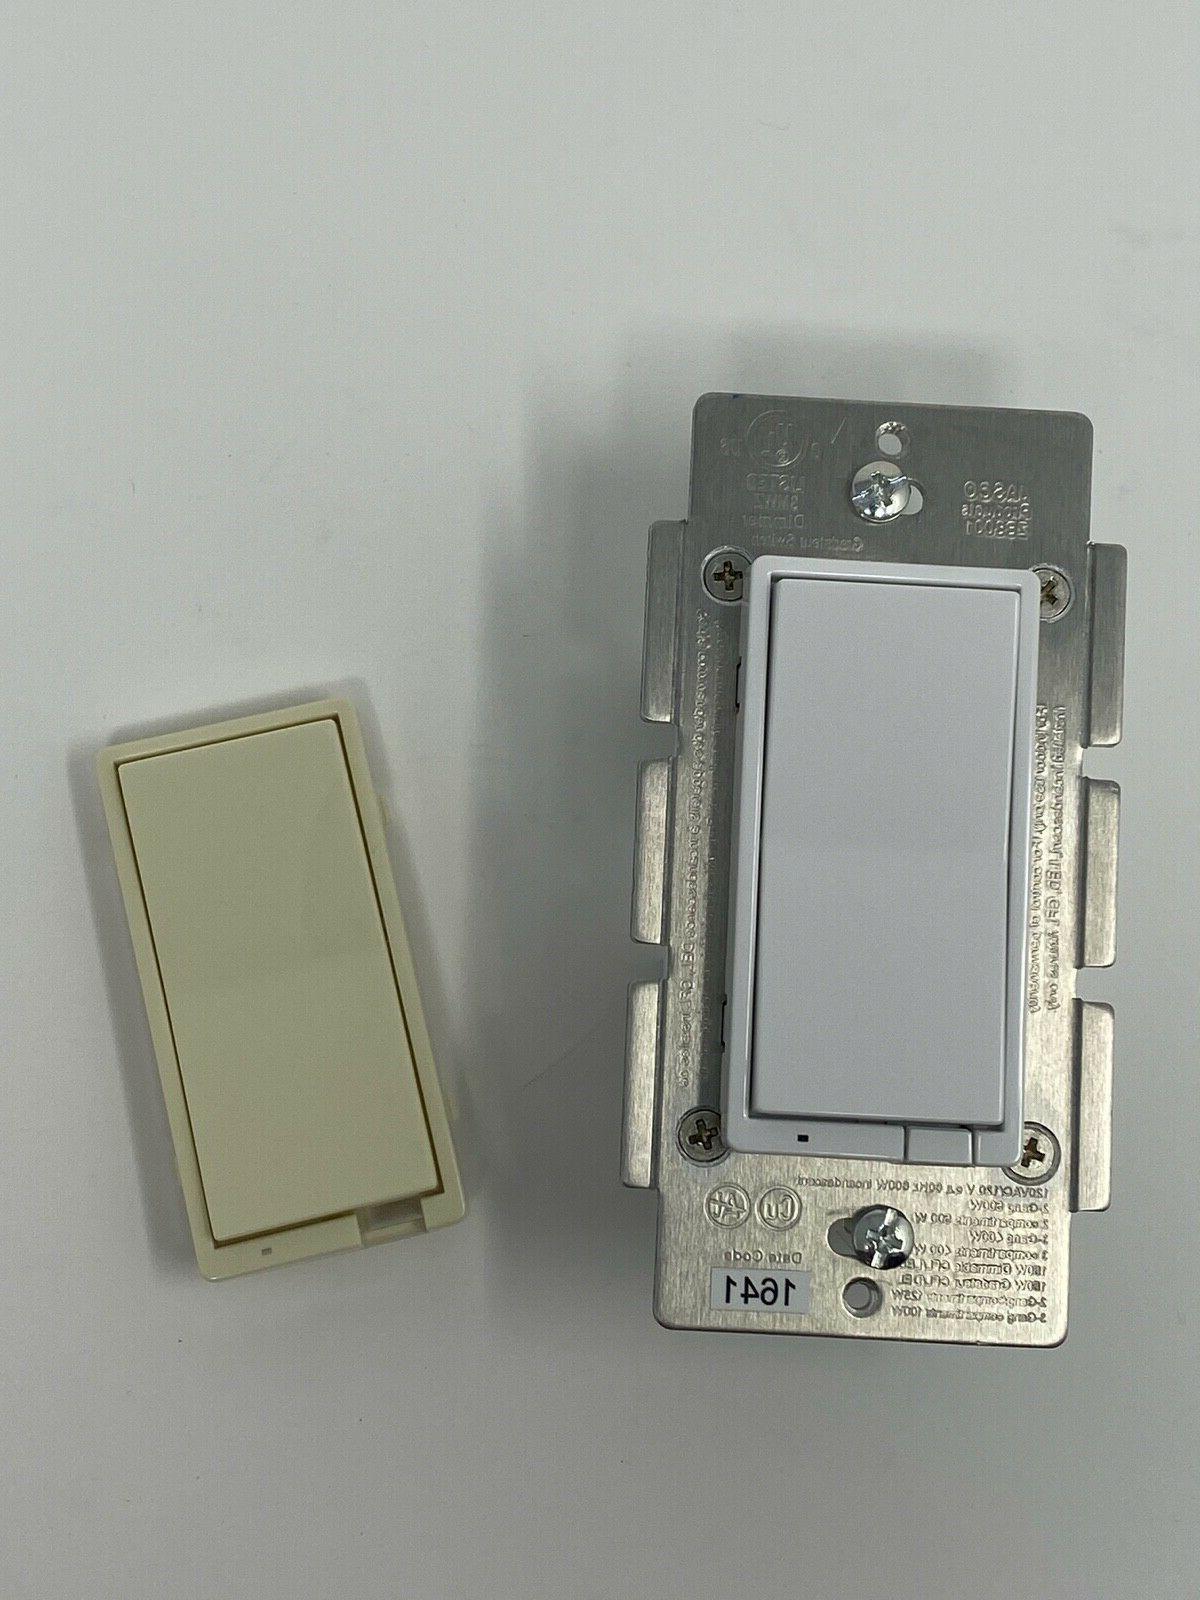 GE Zigbee Dimmer 3-Way/4-Way White/Almond Rocker Light Switch